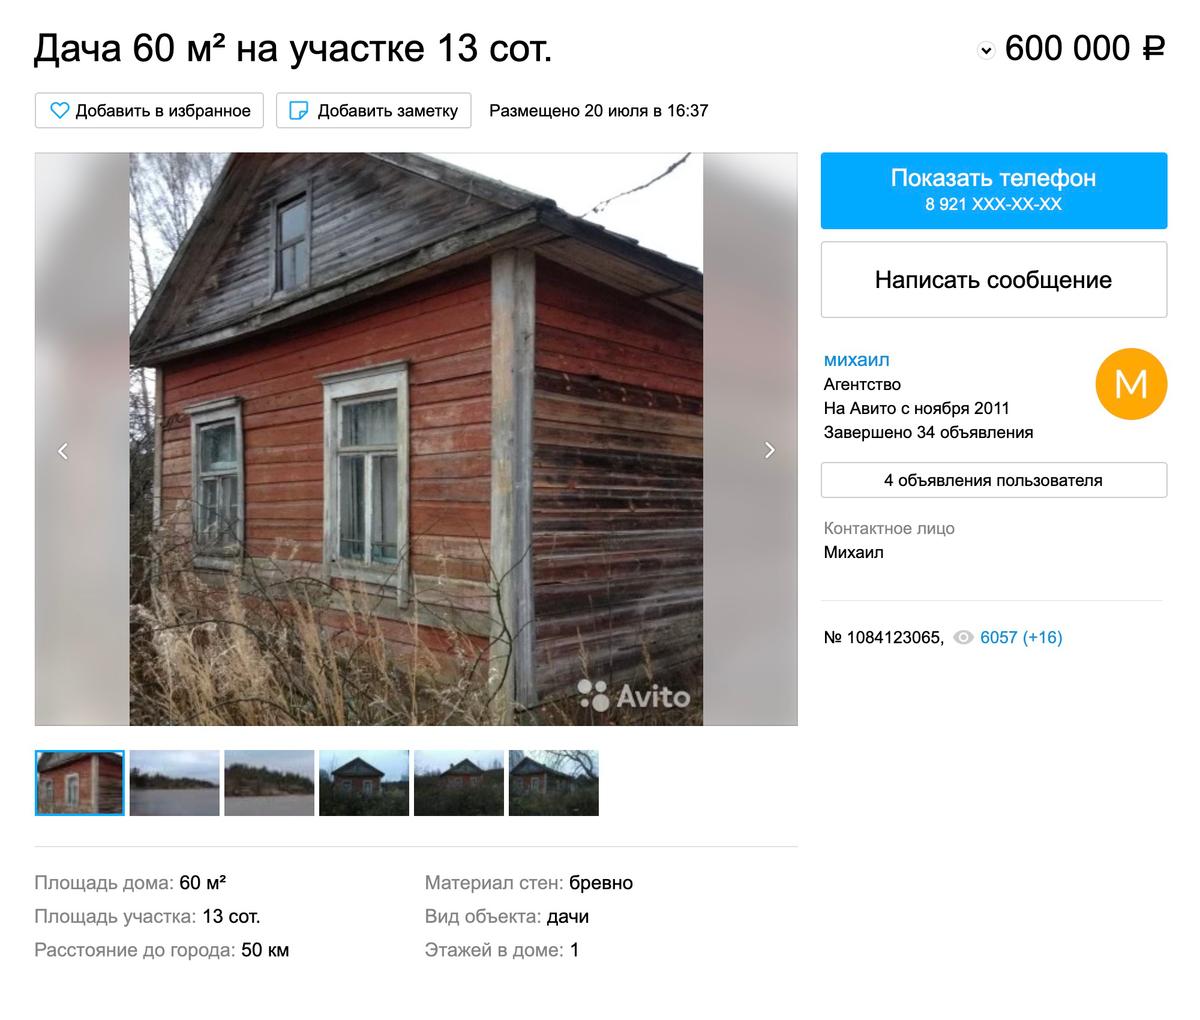 «Старый уютный домик» продают до сих пор. Правда, цену снизили еще на 150 тысяч